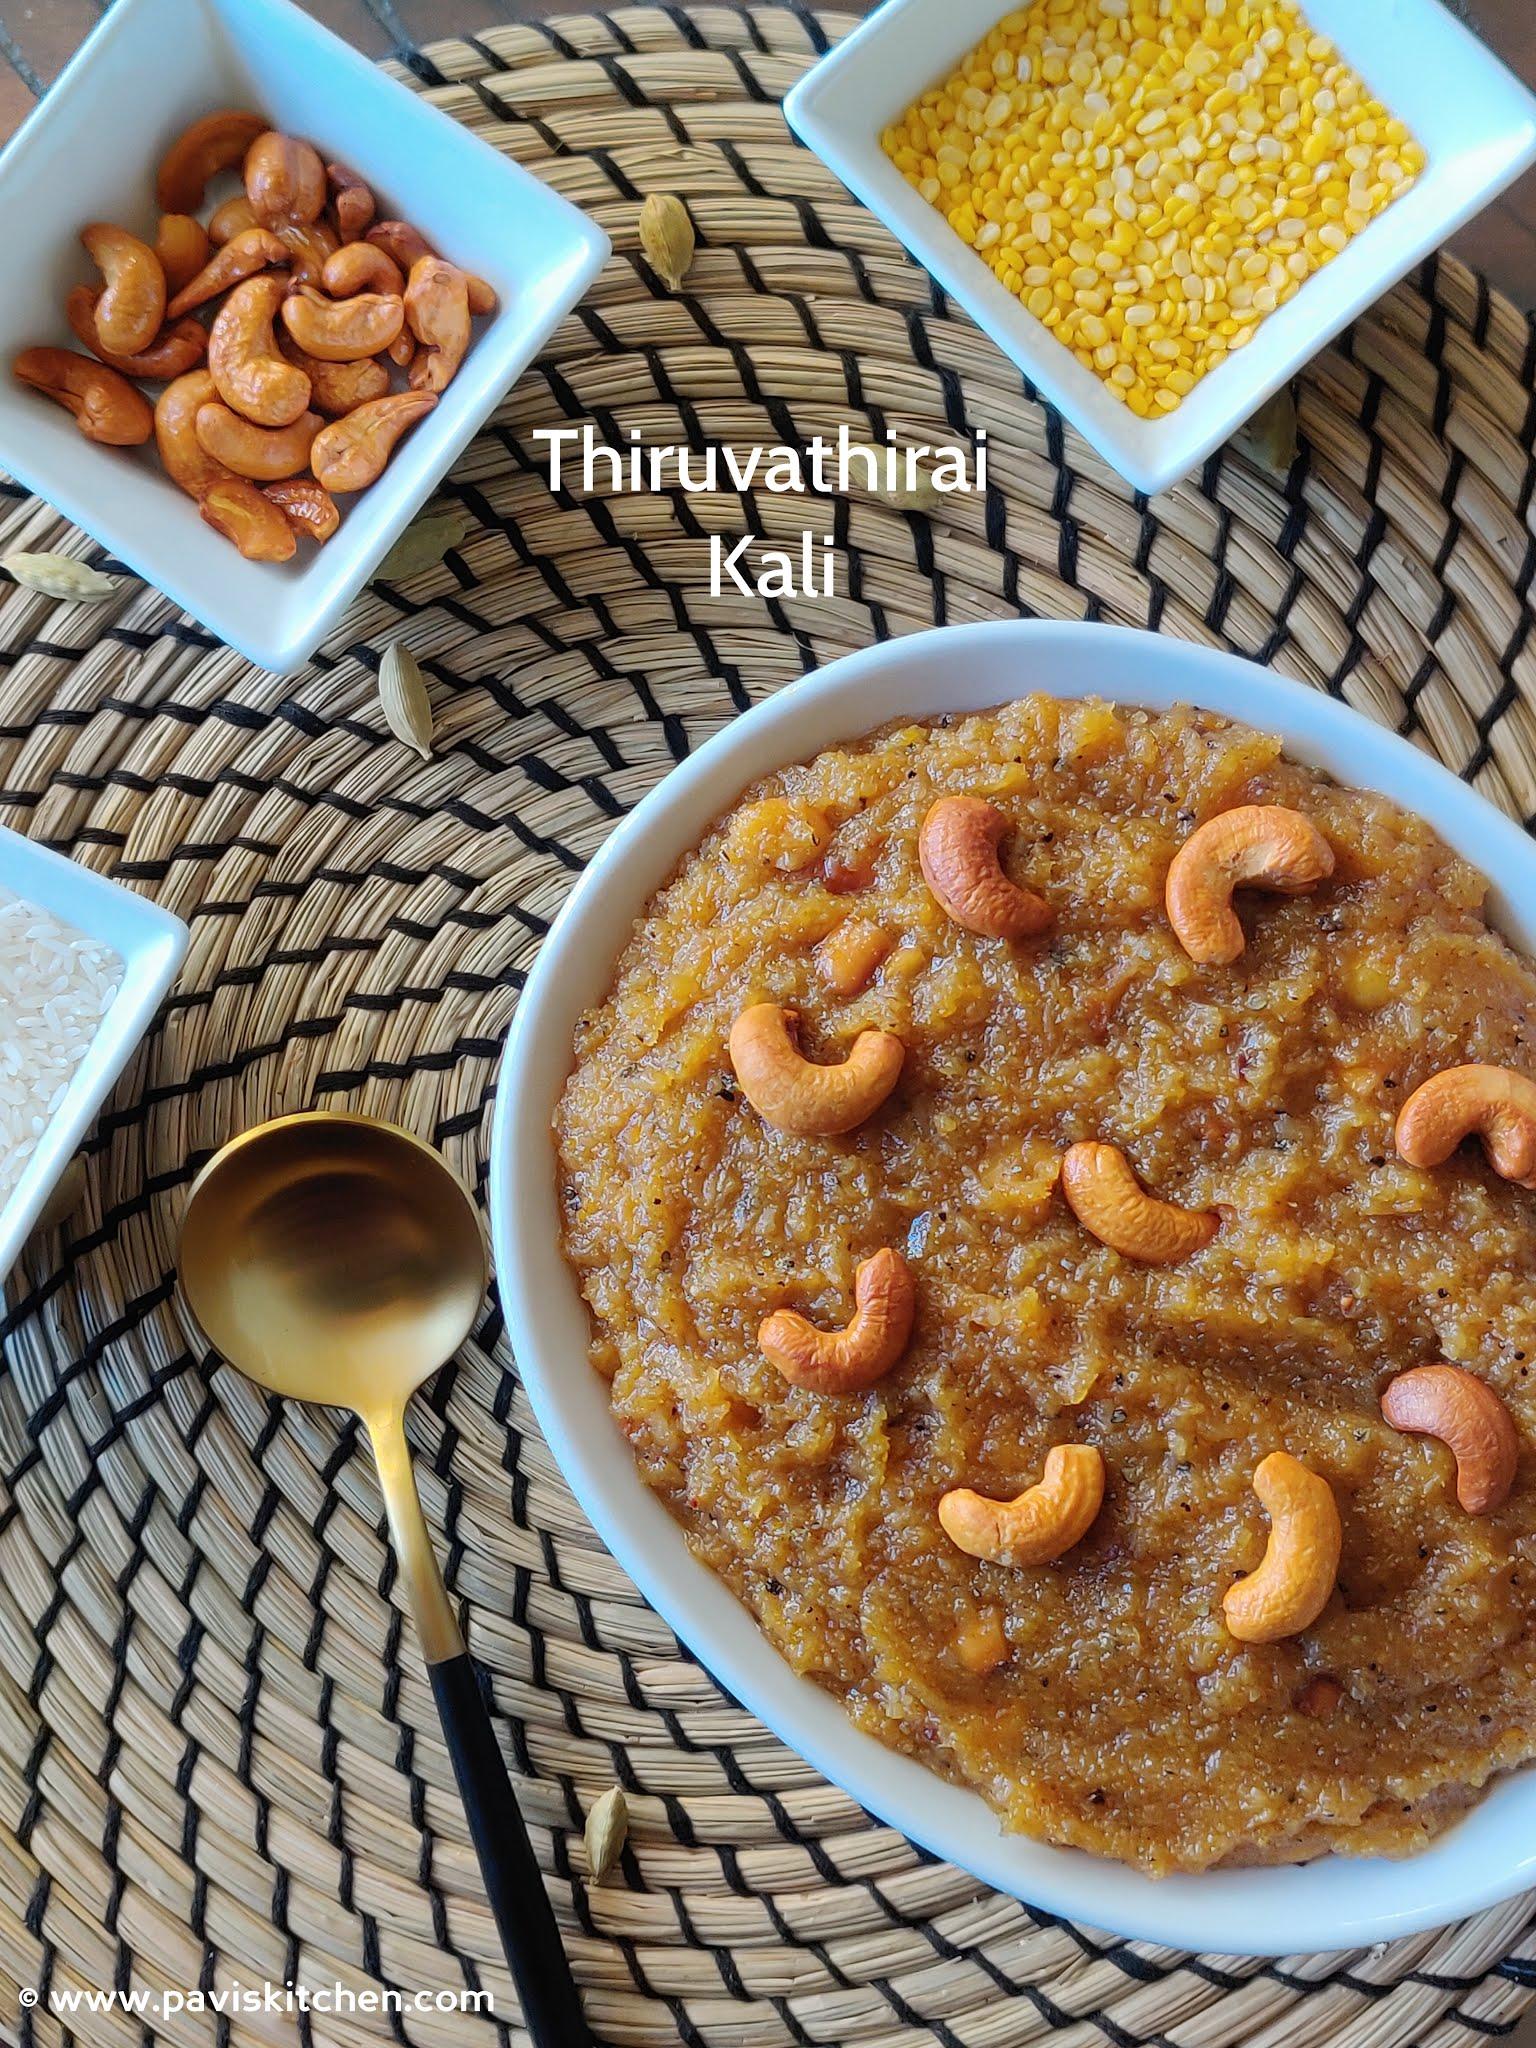 Thiruvathirai kali recipe | 7 Kari Kootu | How to make thiruvadhirai kali | Thalagam Khuzhambu recipe